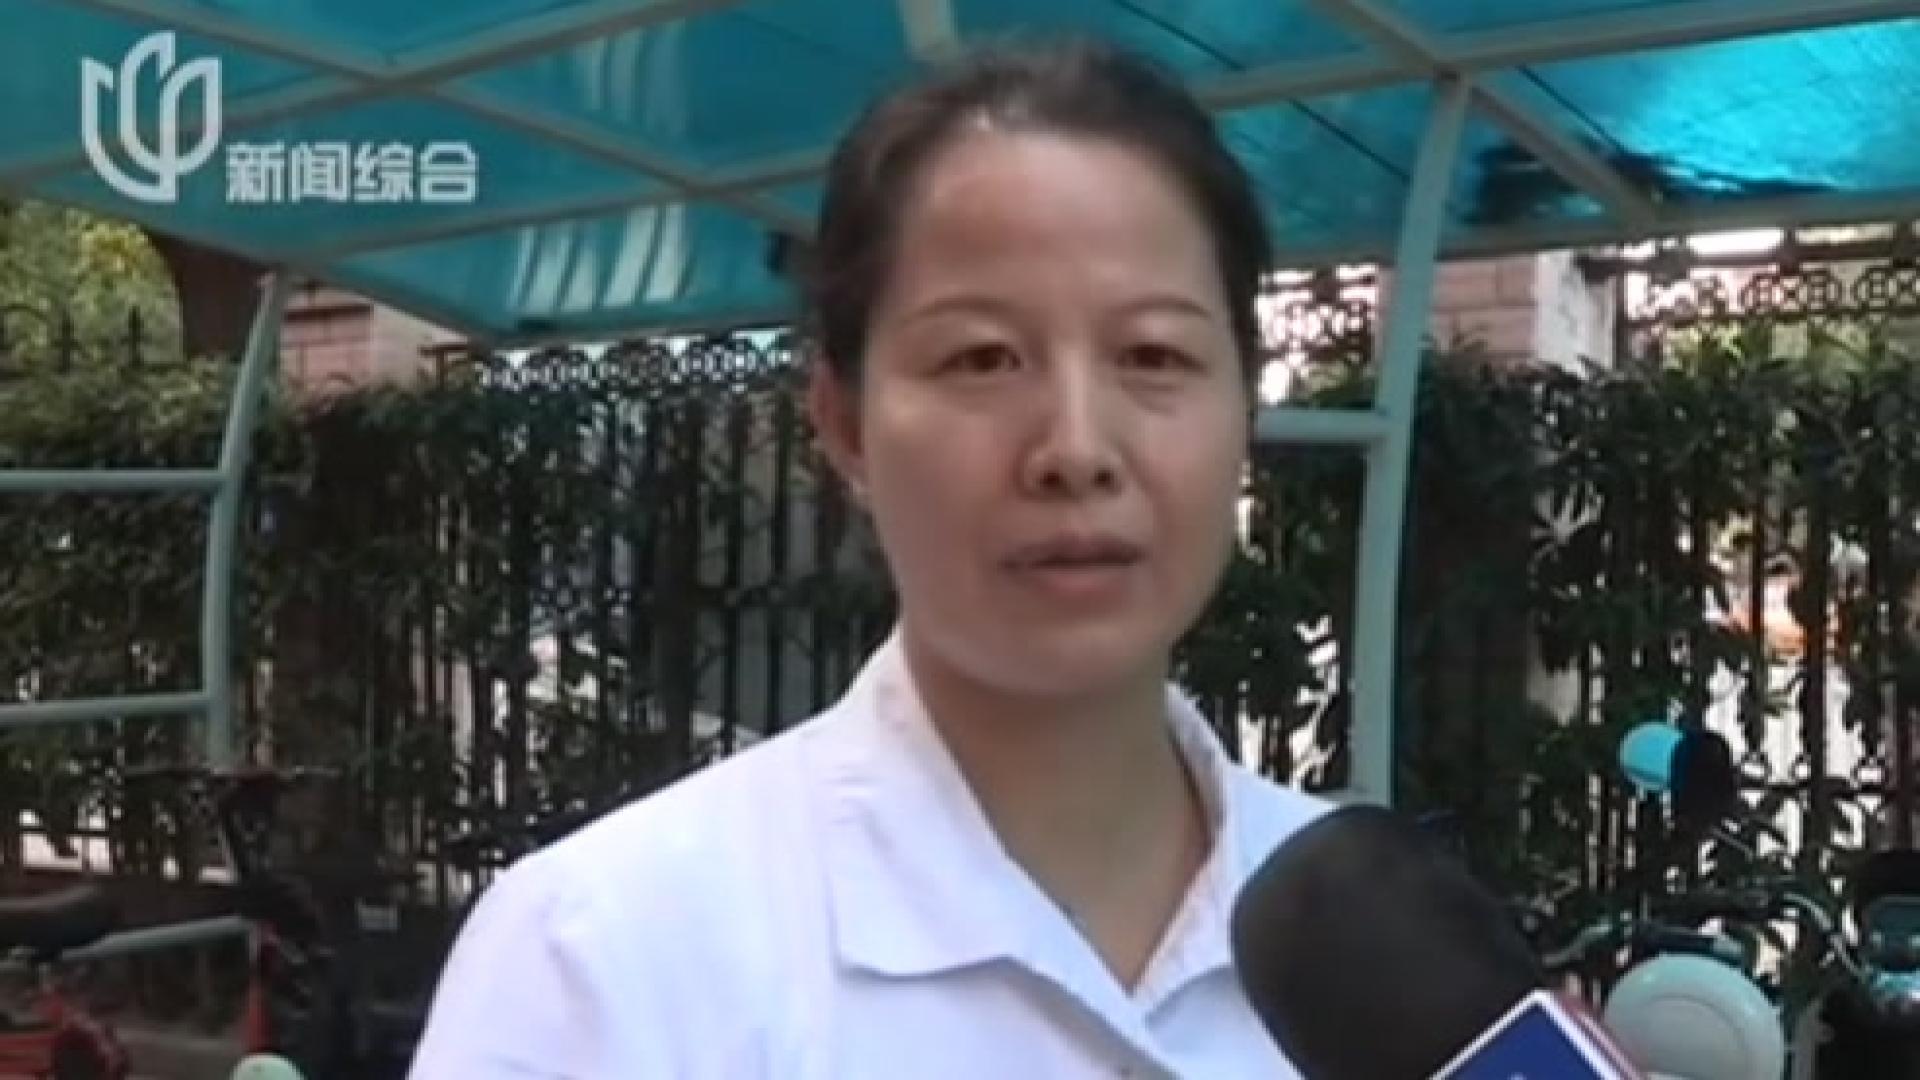 梅陇镇卫生服务中心:88岁老伯被撞进围墙  医护人员全力抢救